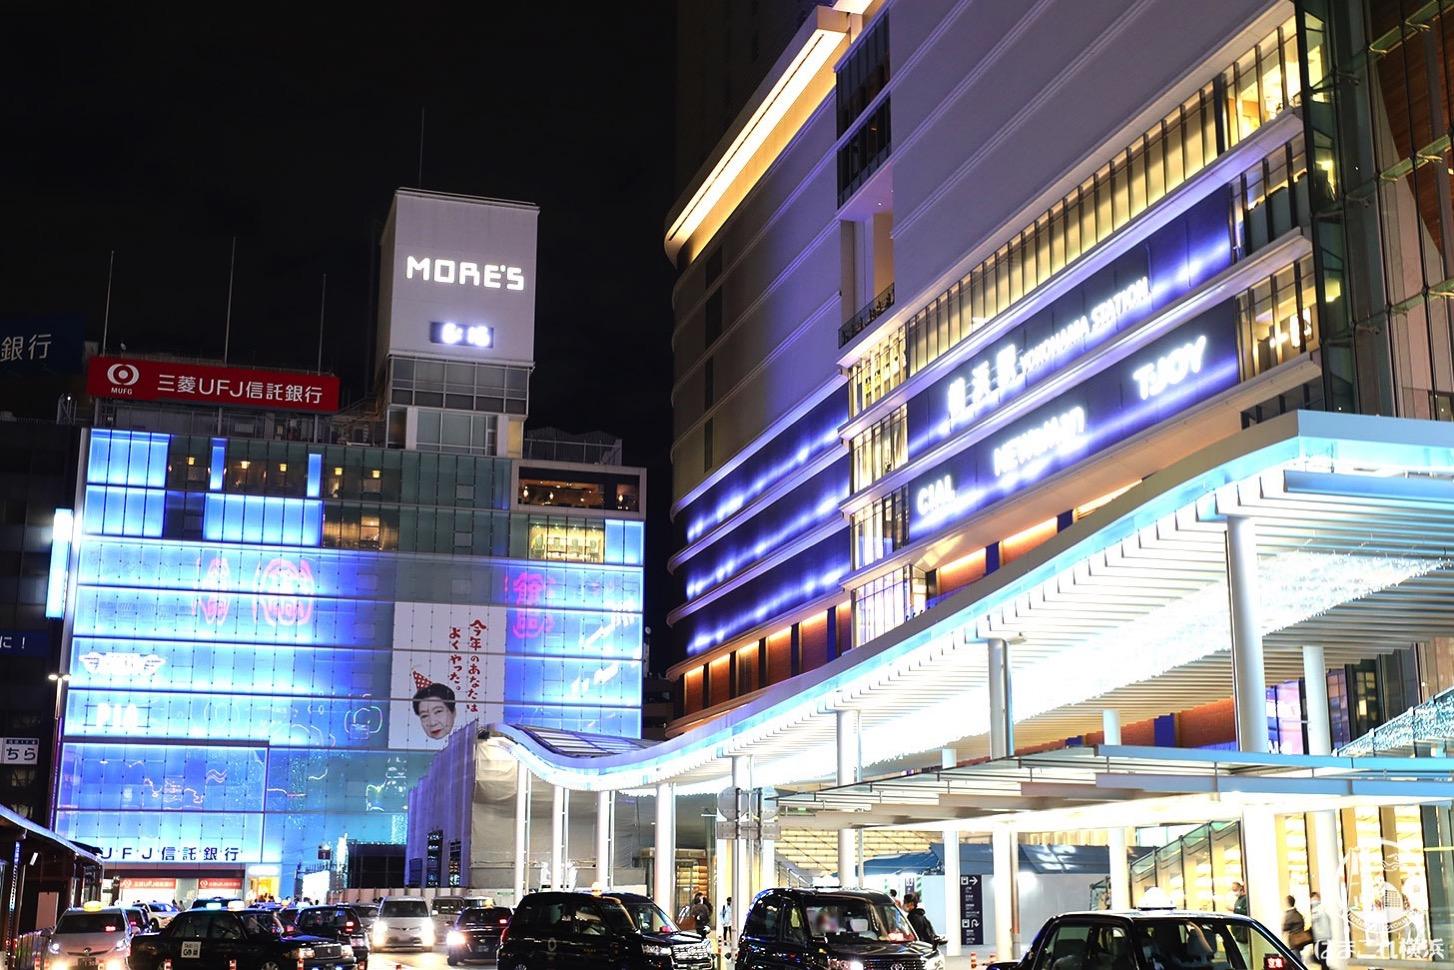 ヨコハマイルミネーション シァル・屋根・JR横浜タワー壁面ライトアップ